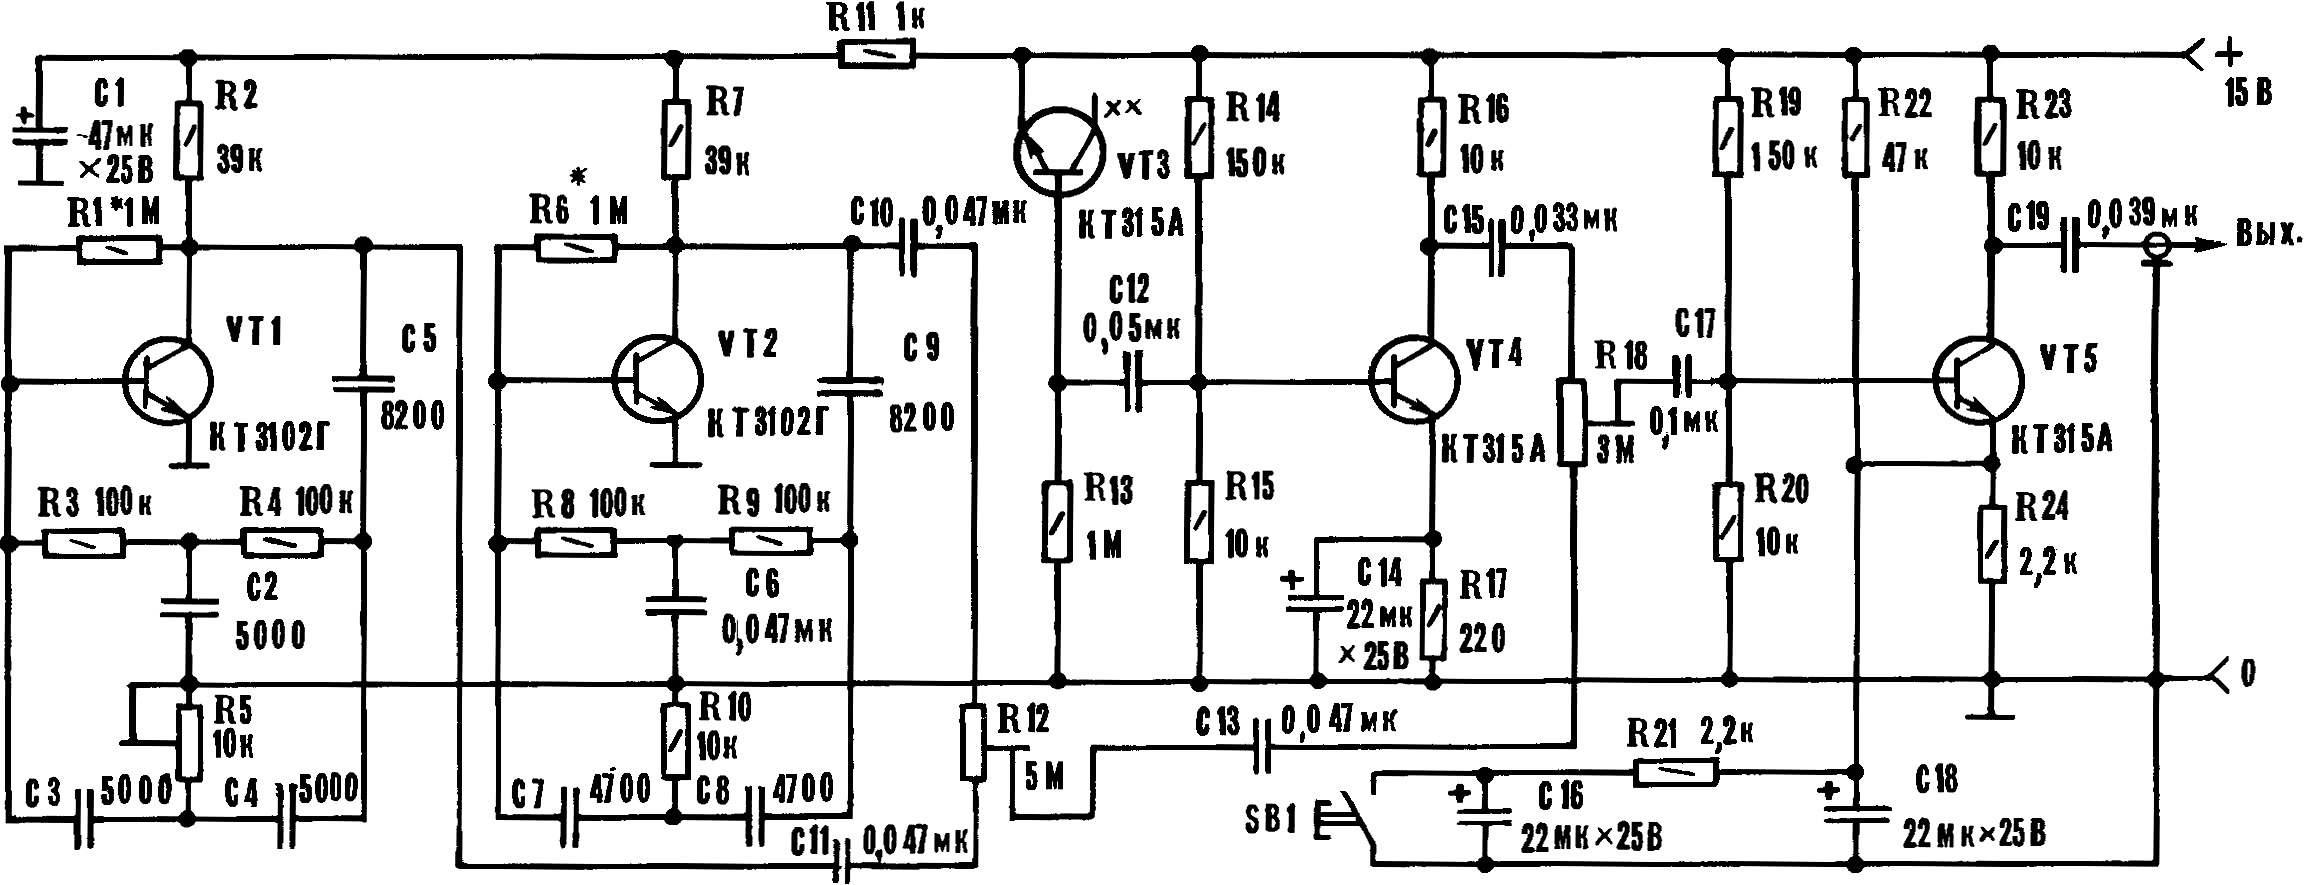 Рис. 3. Принципиальная схема блока «свисток».